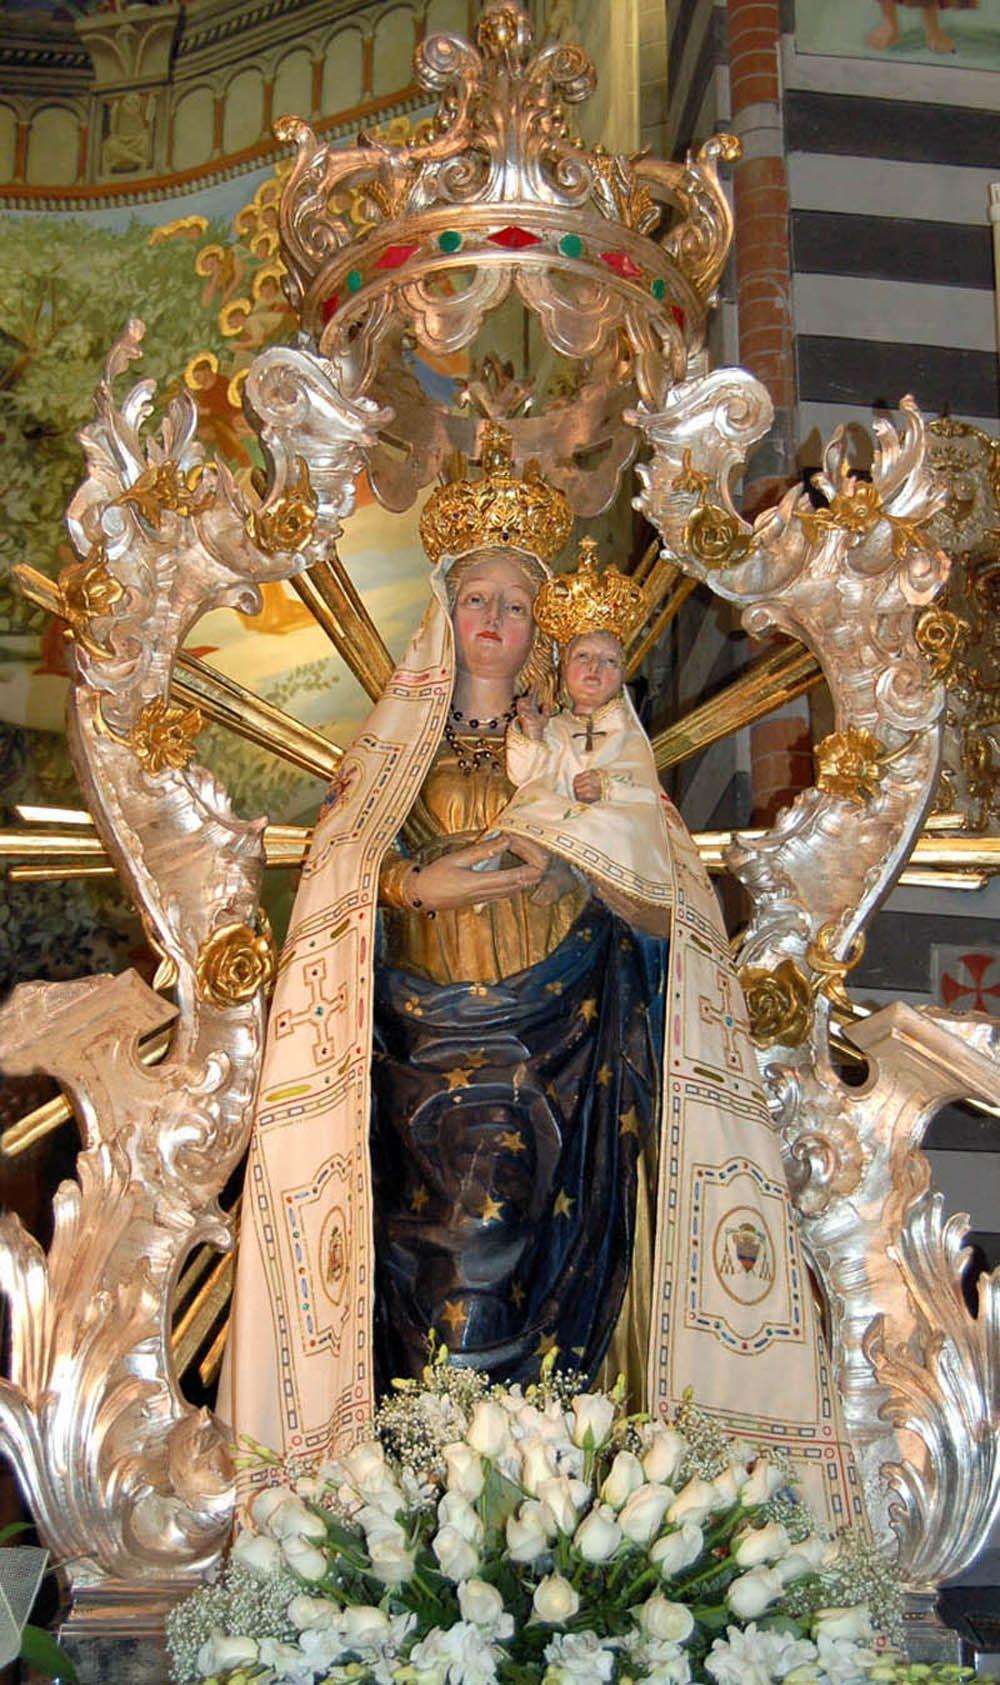 L'apparizione della Beata Vergine della Quercia, patrona della Val Nure.